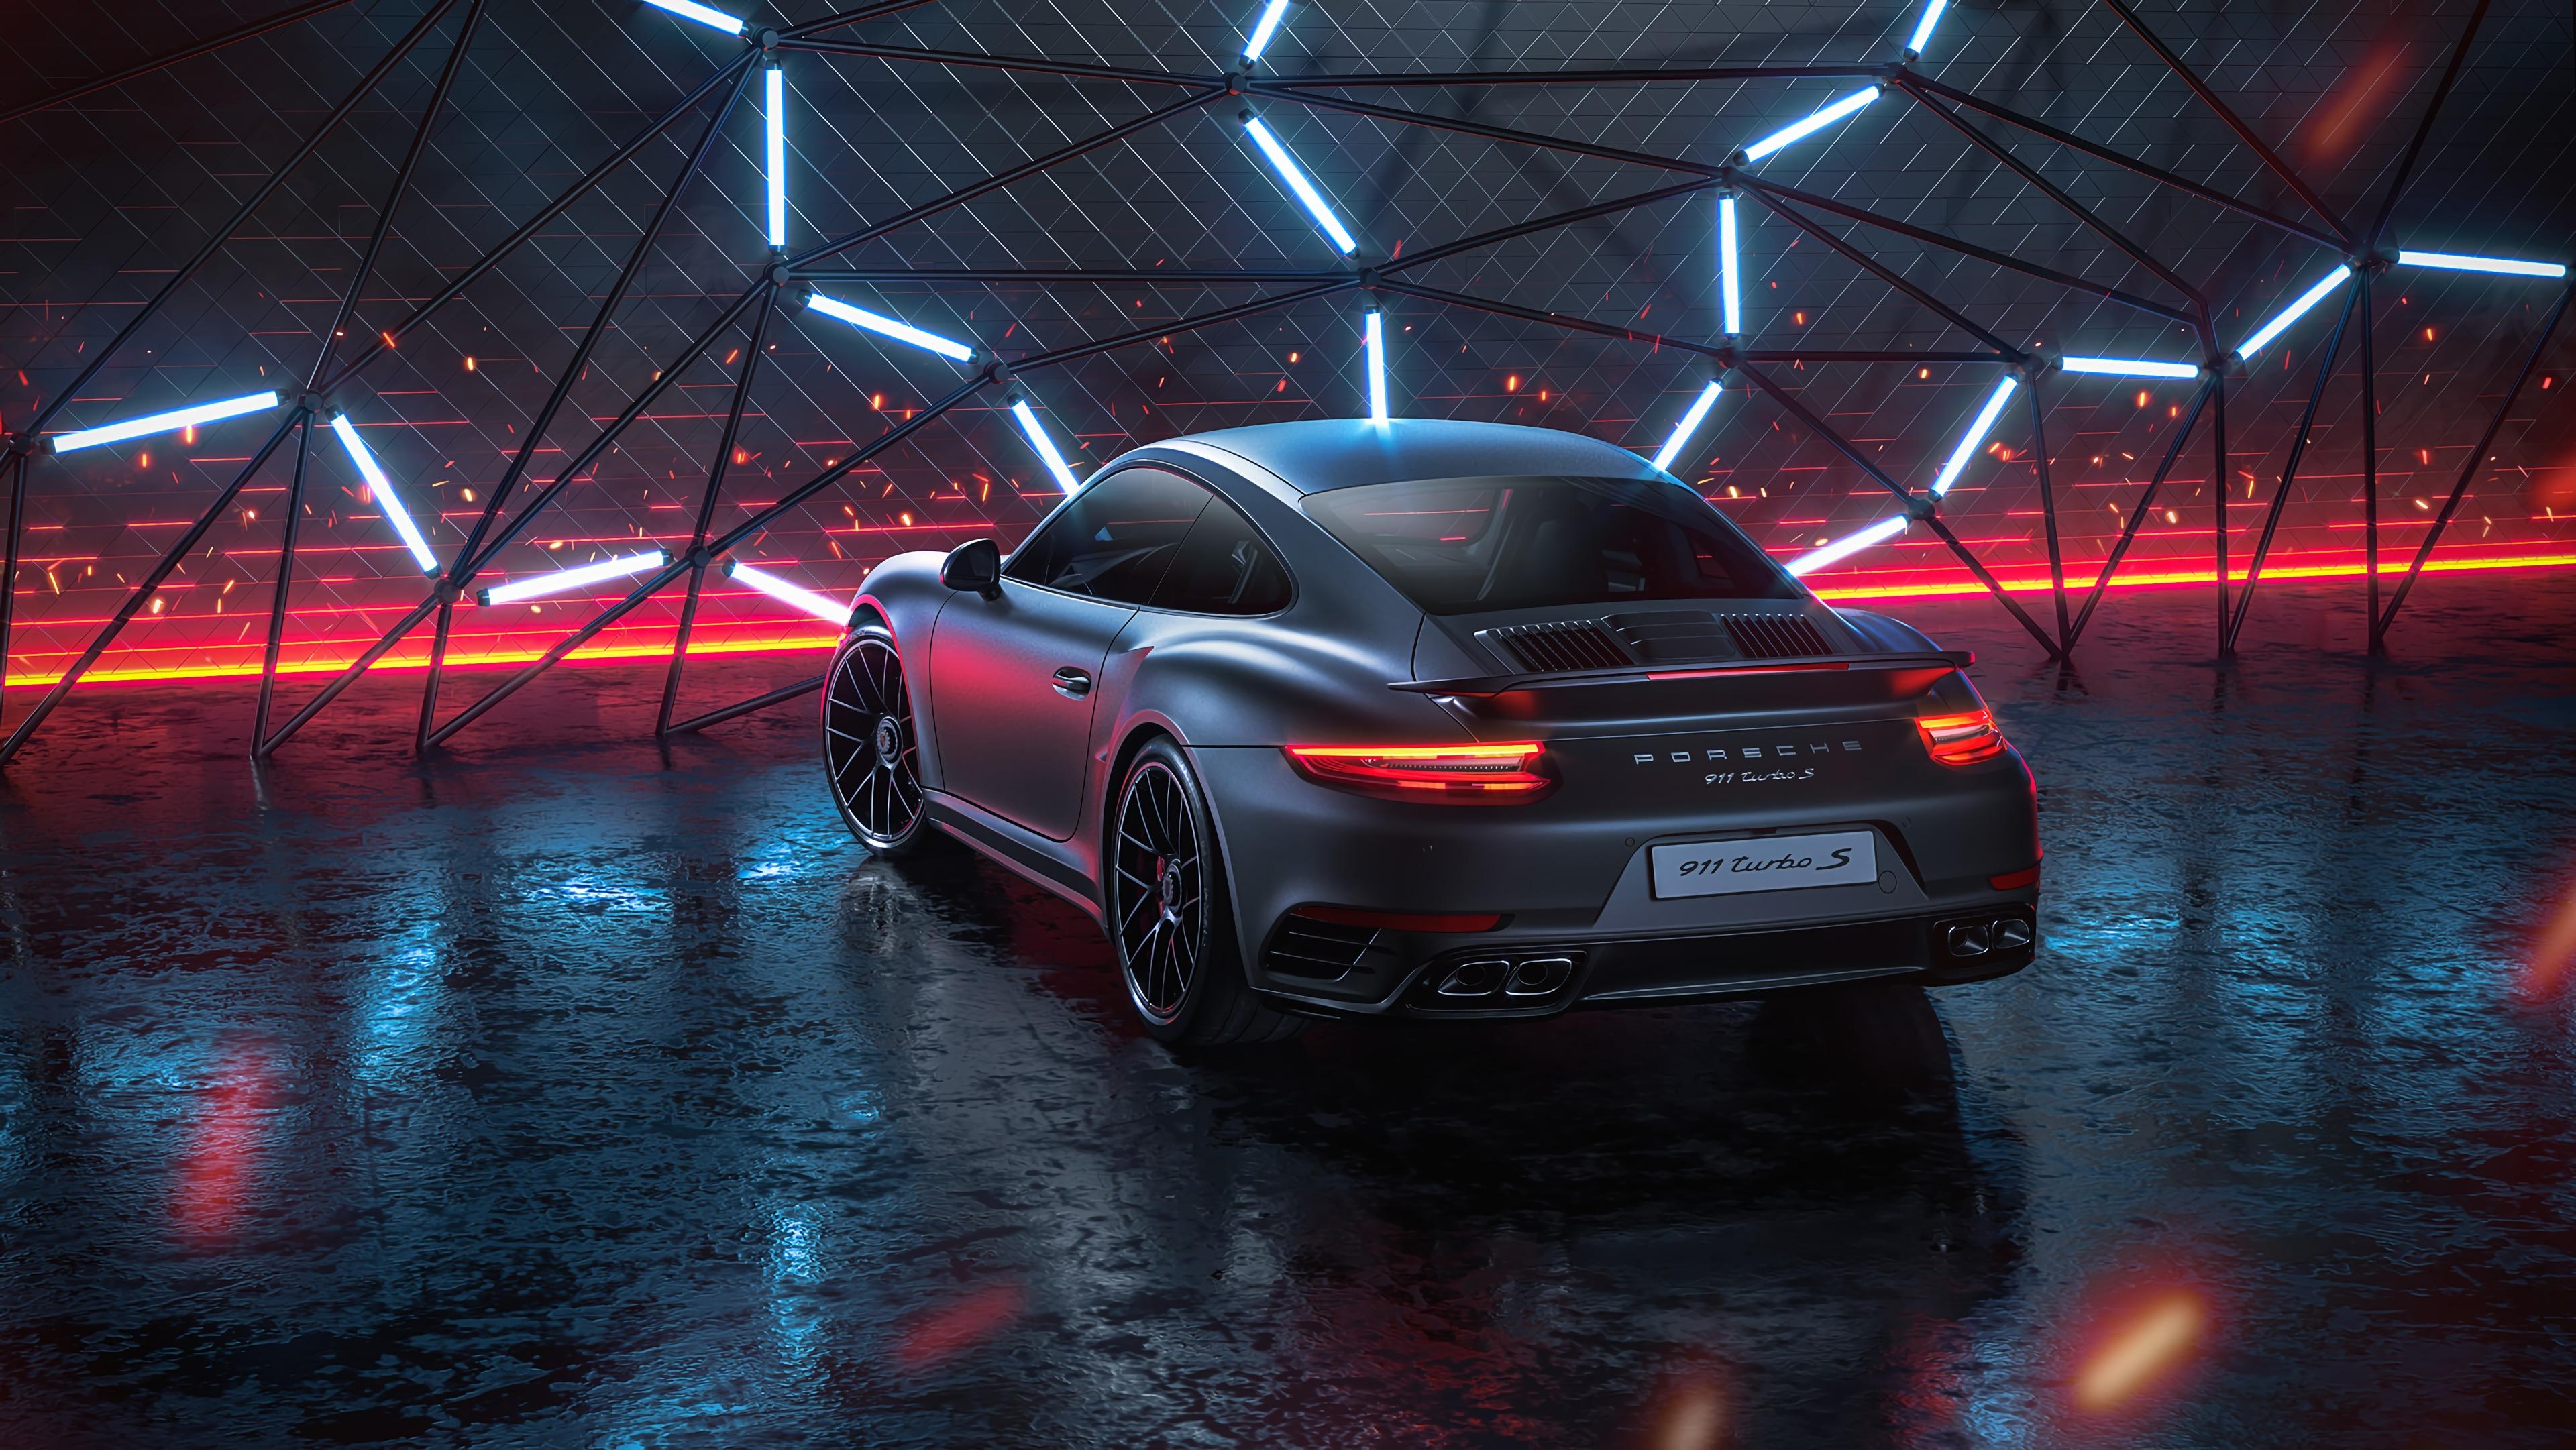 62756 Hintergrundbild herunterladen Auto, Porsche, Sport, Übernachtung, Cars, Maschine, Neon, Sportwagen, Porsche 911 Turbo S, Porsche 911 Turbos - Bildschirmschoner und Bilder kostenlos